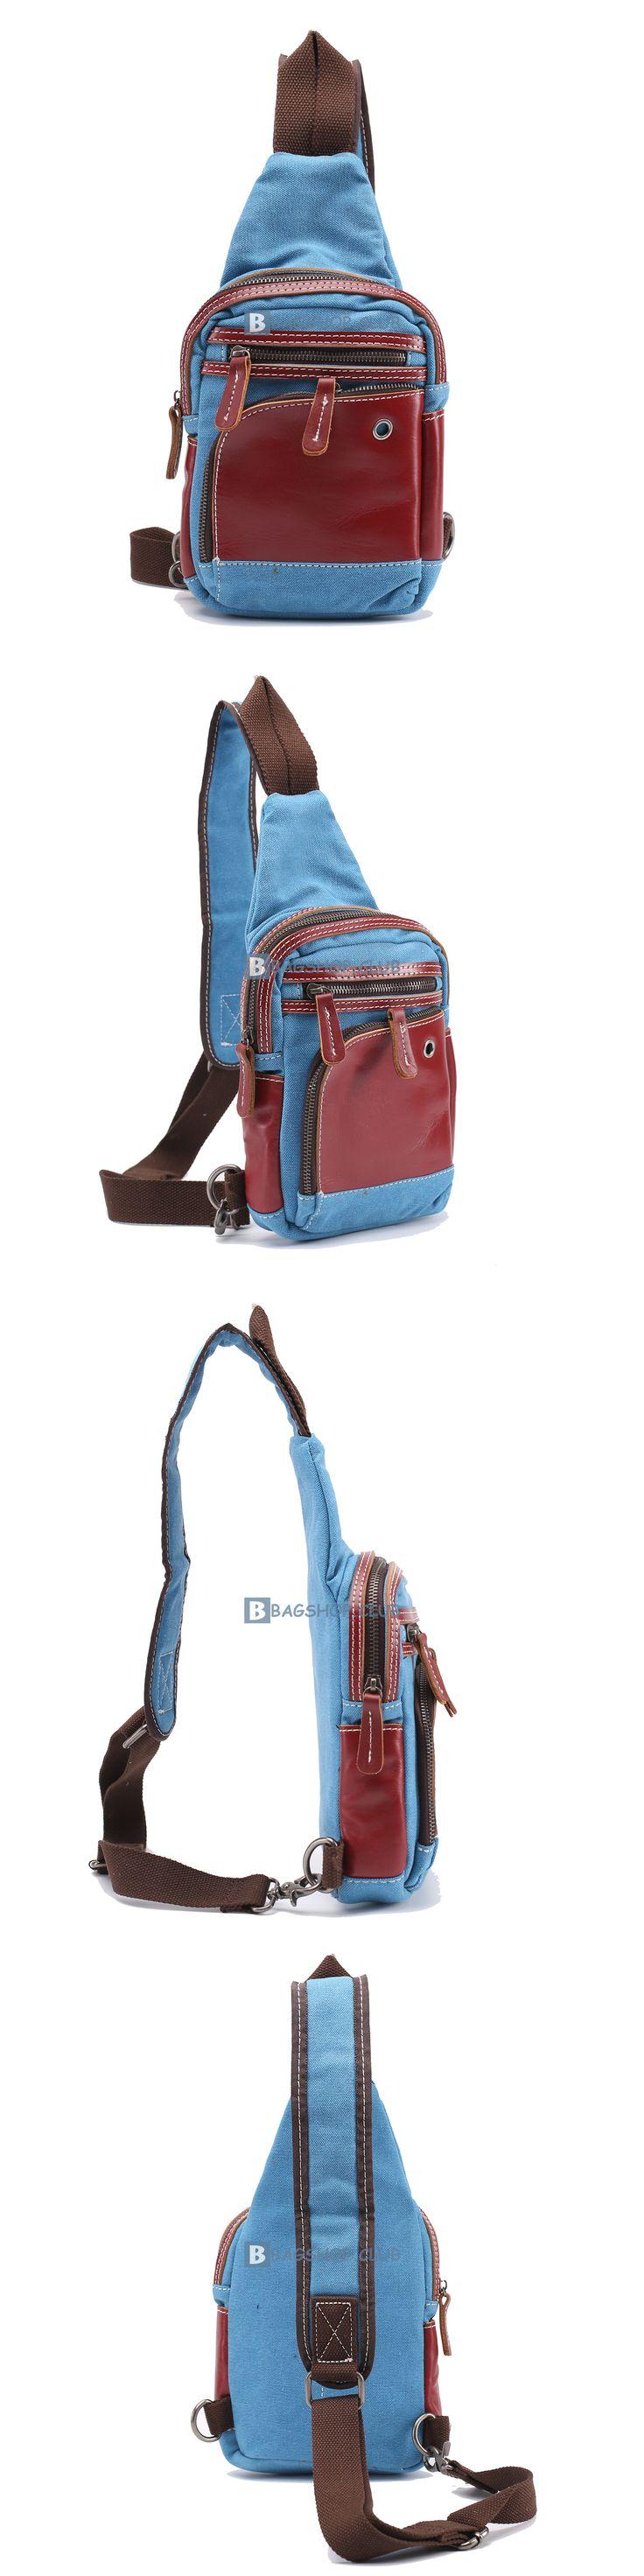 $55.99 Small Sling Bag For MenSingle Strap Backpack